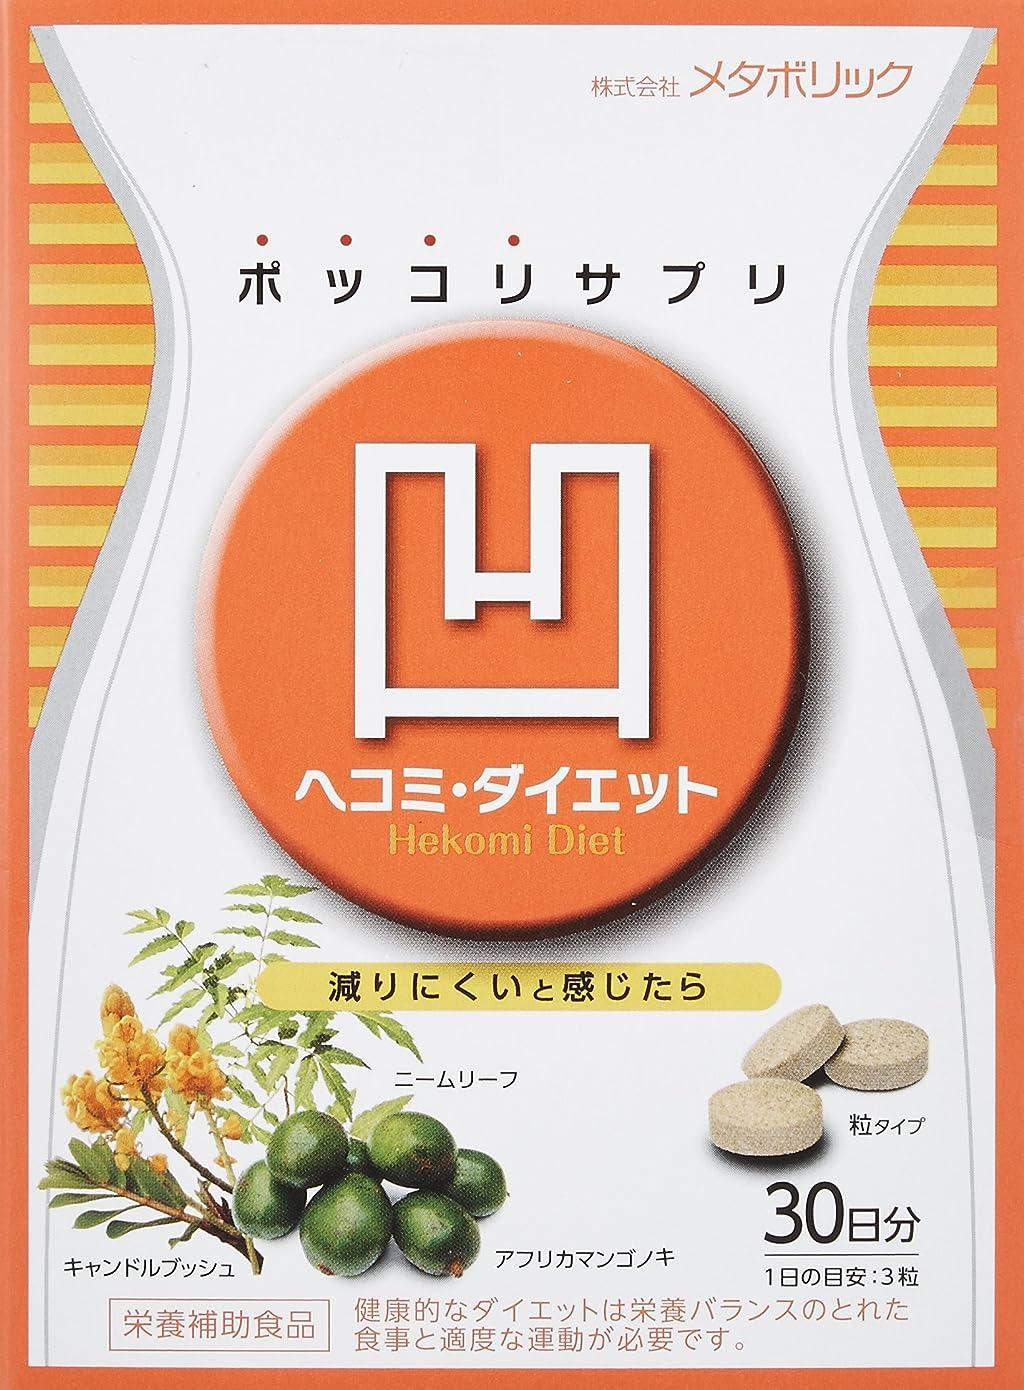 裁定生産的デモンストレーション凹 ヘコミ ダイエット 30日分×2個セット  ぼこ ポッコリ サプリ